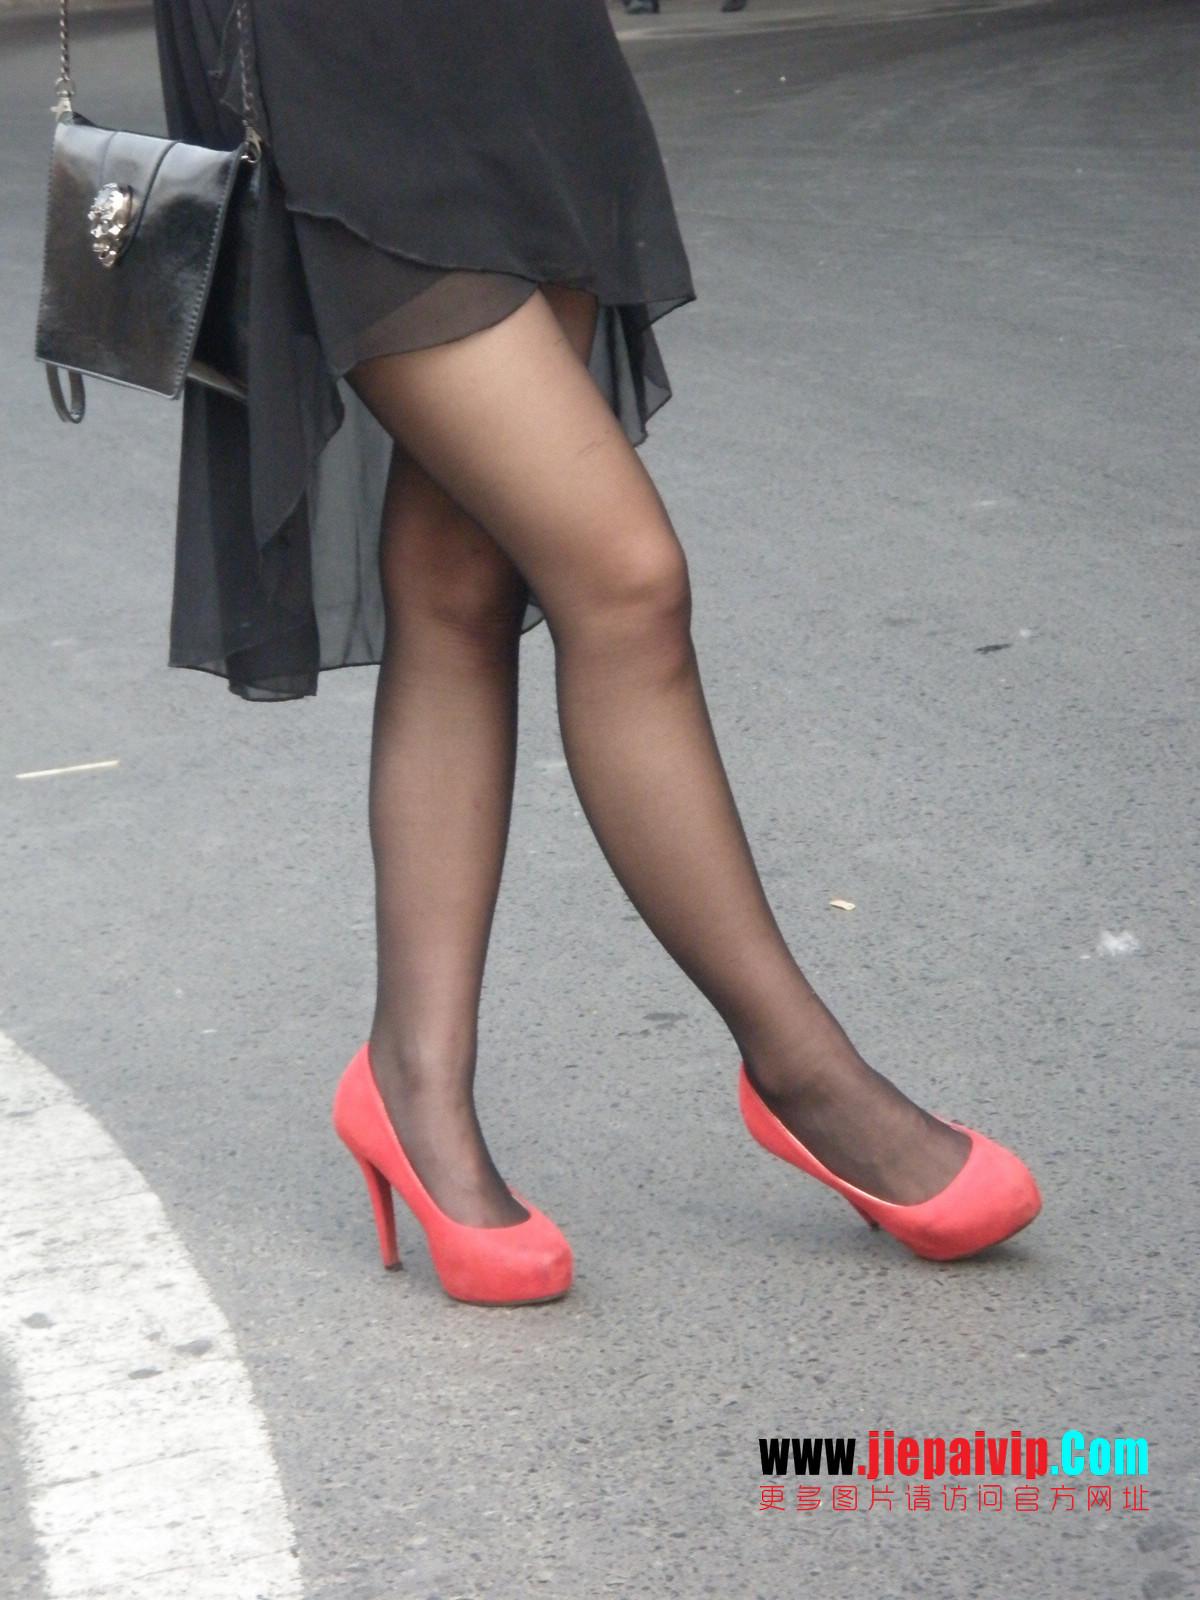 性感的红色高跟鞋黑丝袜美腿女人4